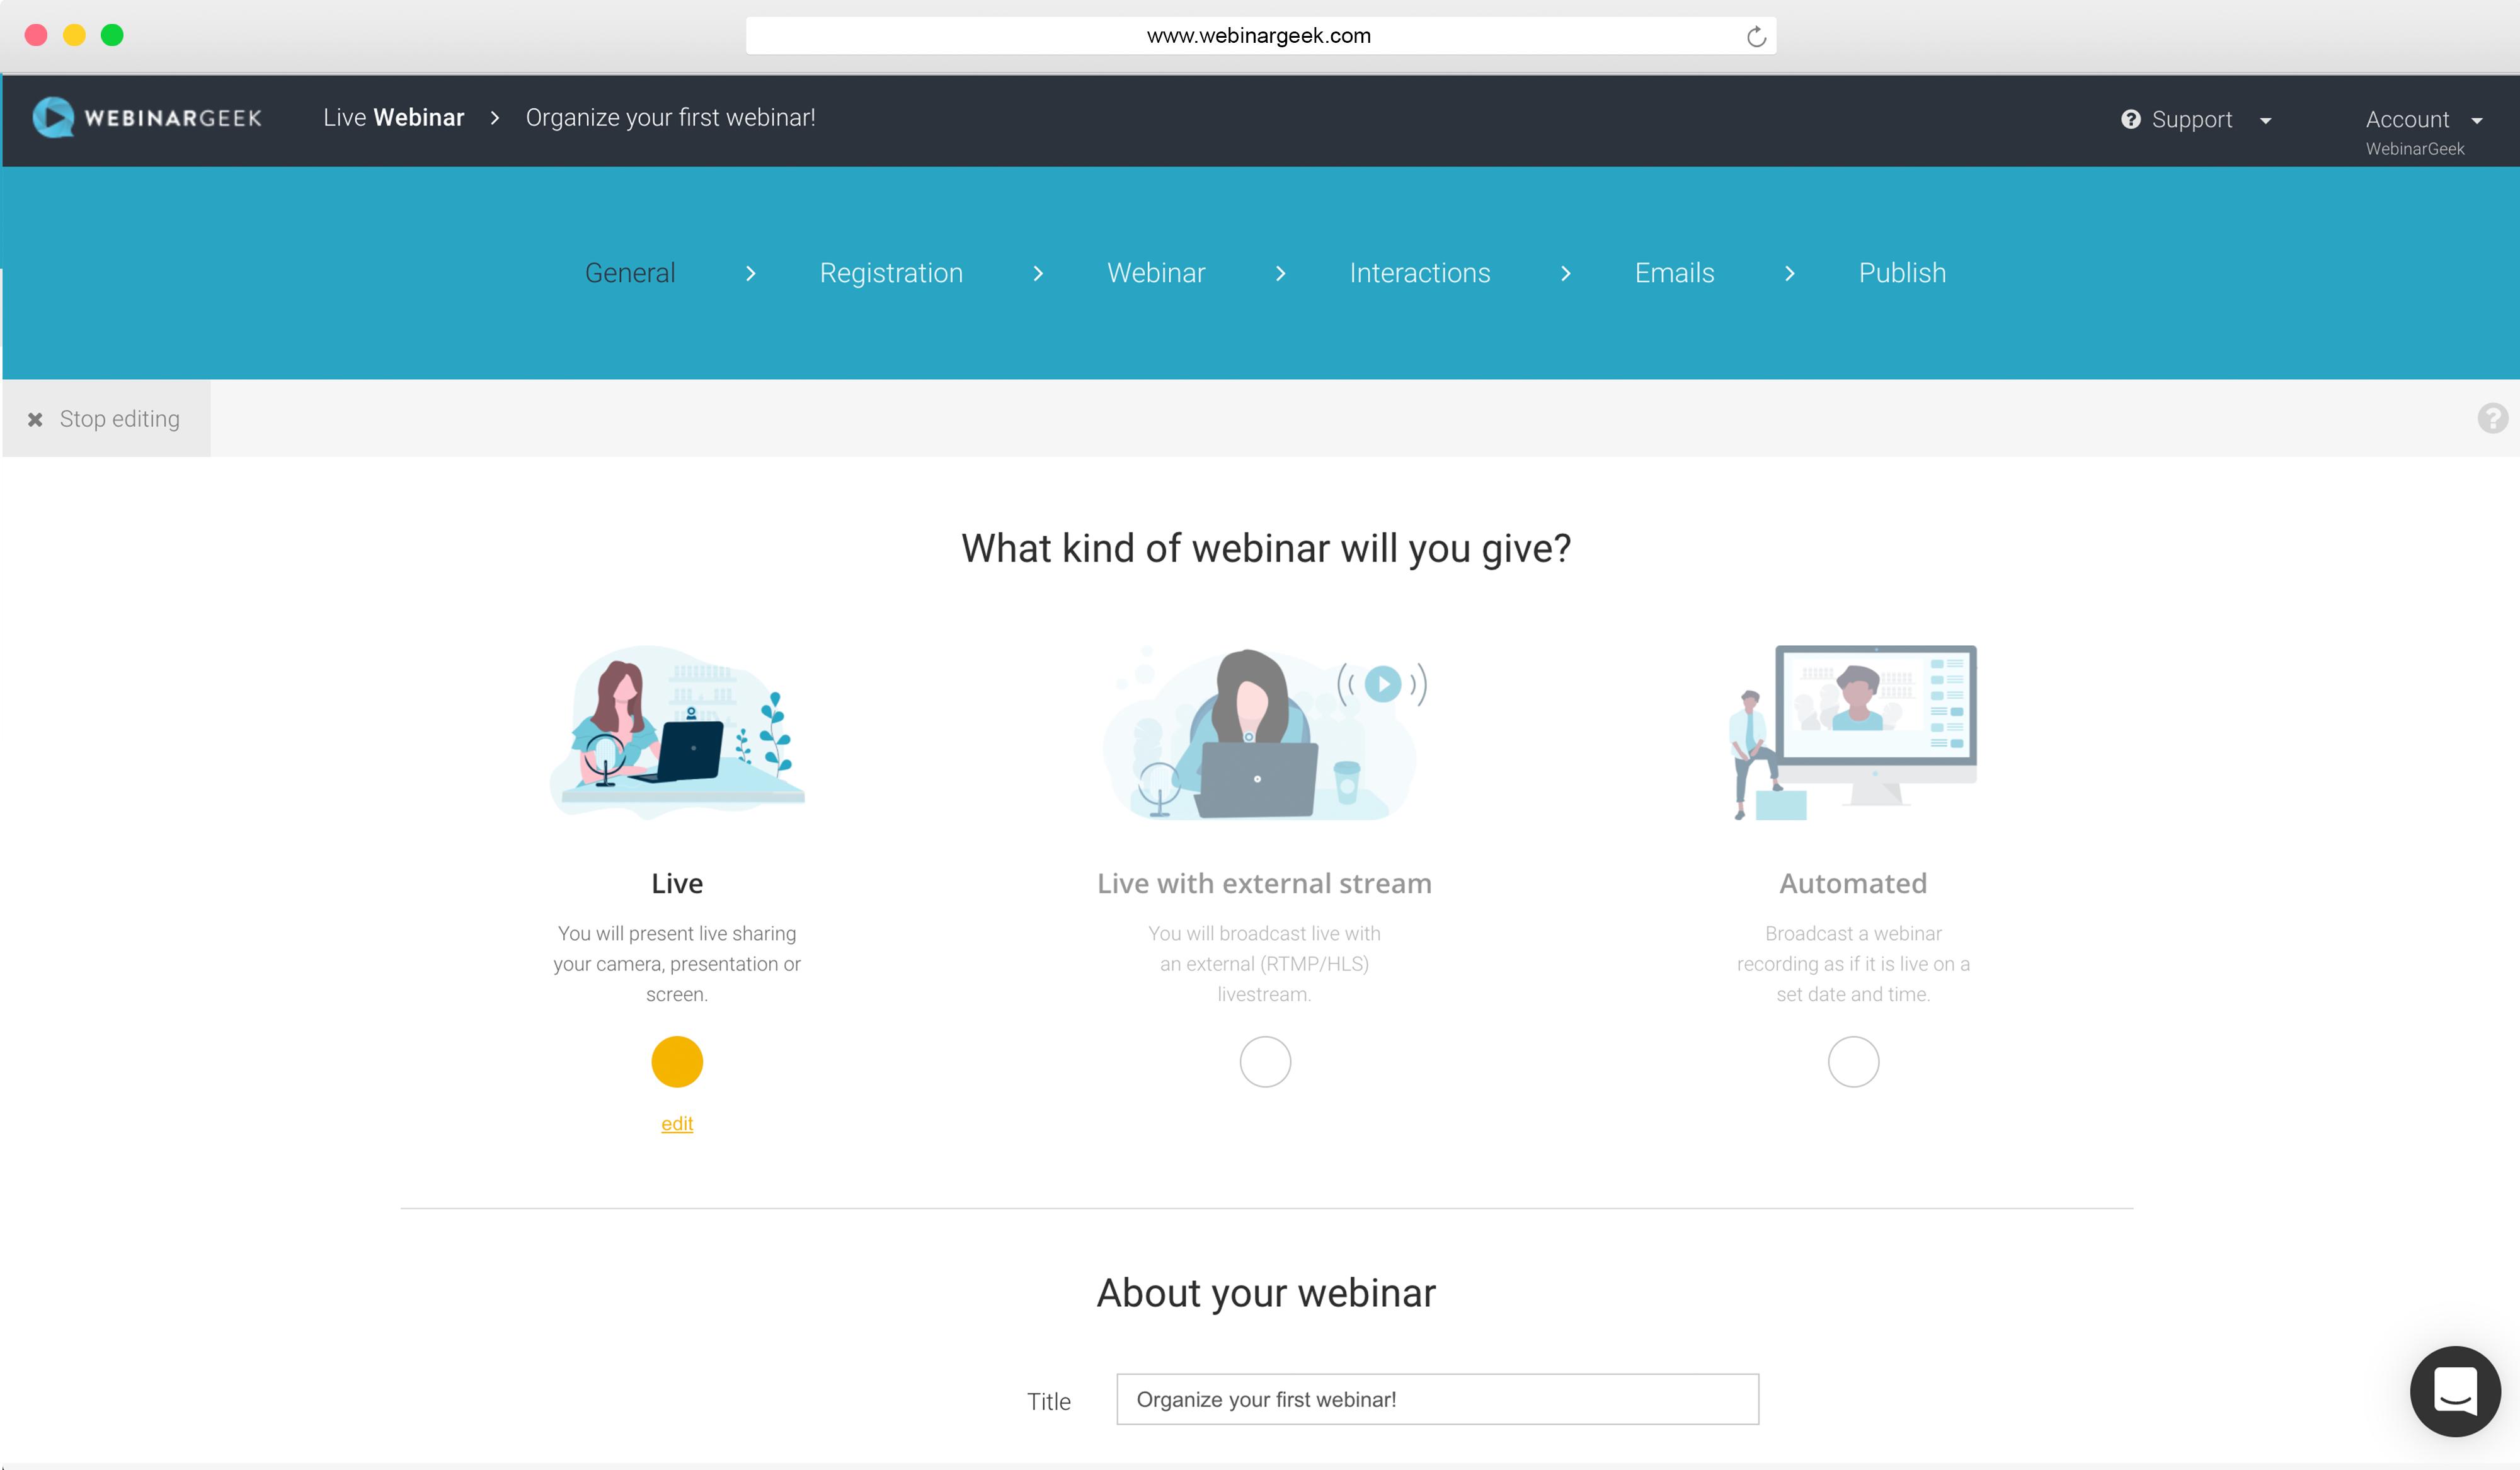 WebinarGeek webinar wizard